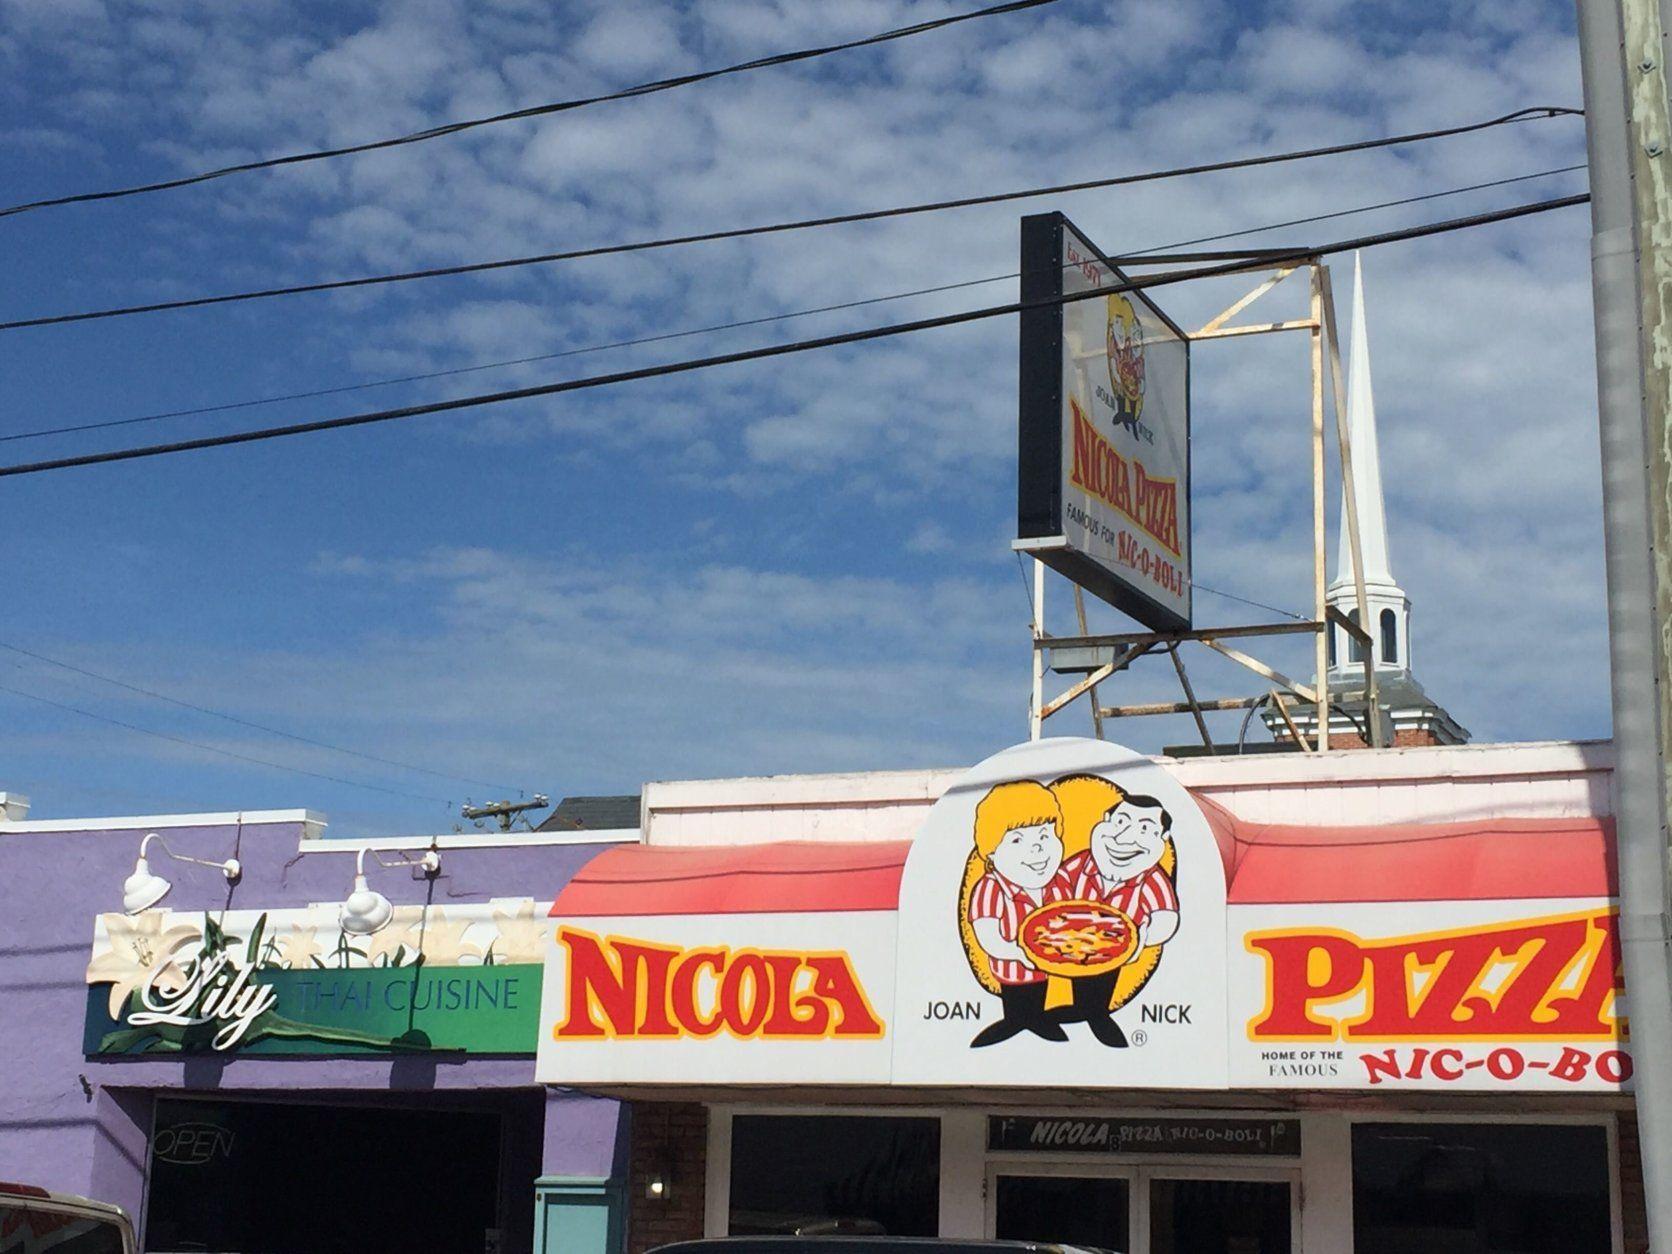 Nicola Pizza in Rehoboth. (WTOP/John Domen)